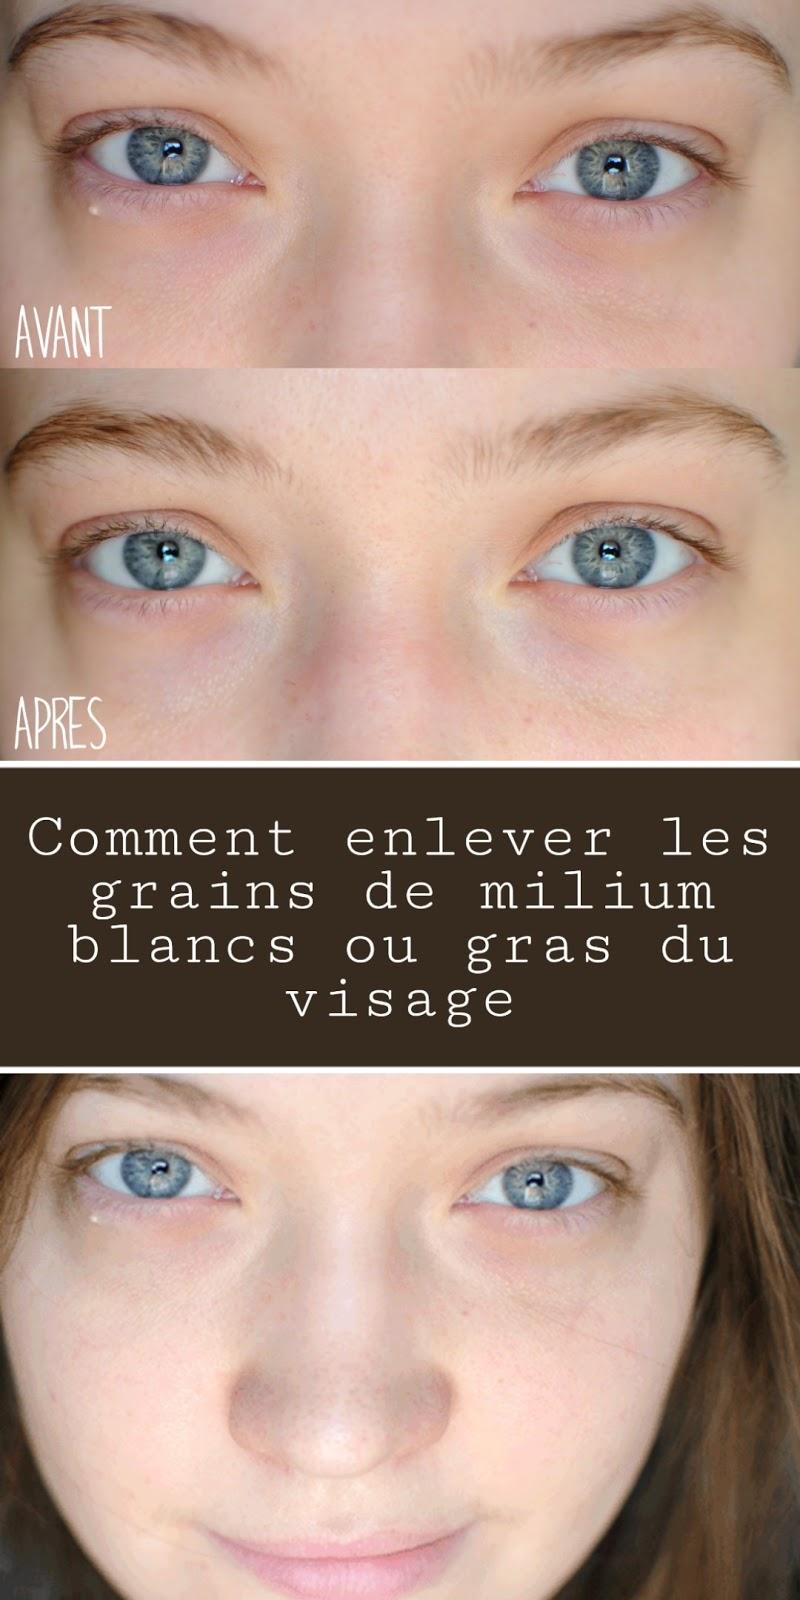 Comment enlever les grains de milium blancs ou gras du visage